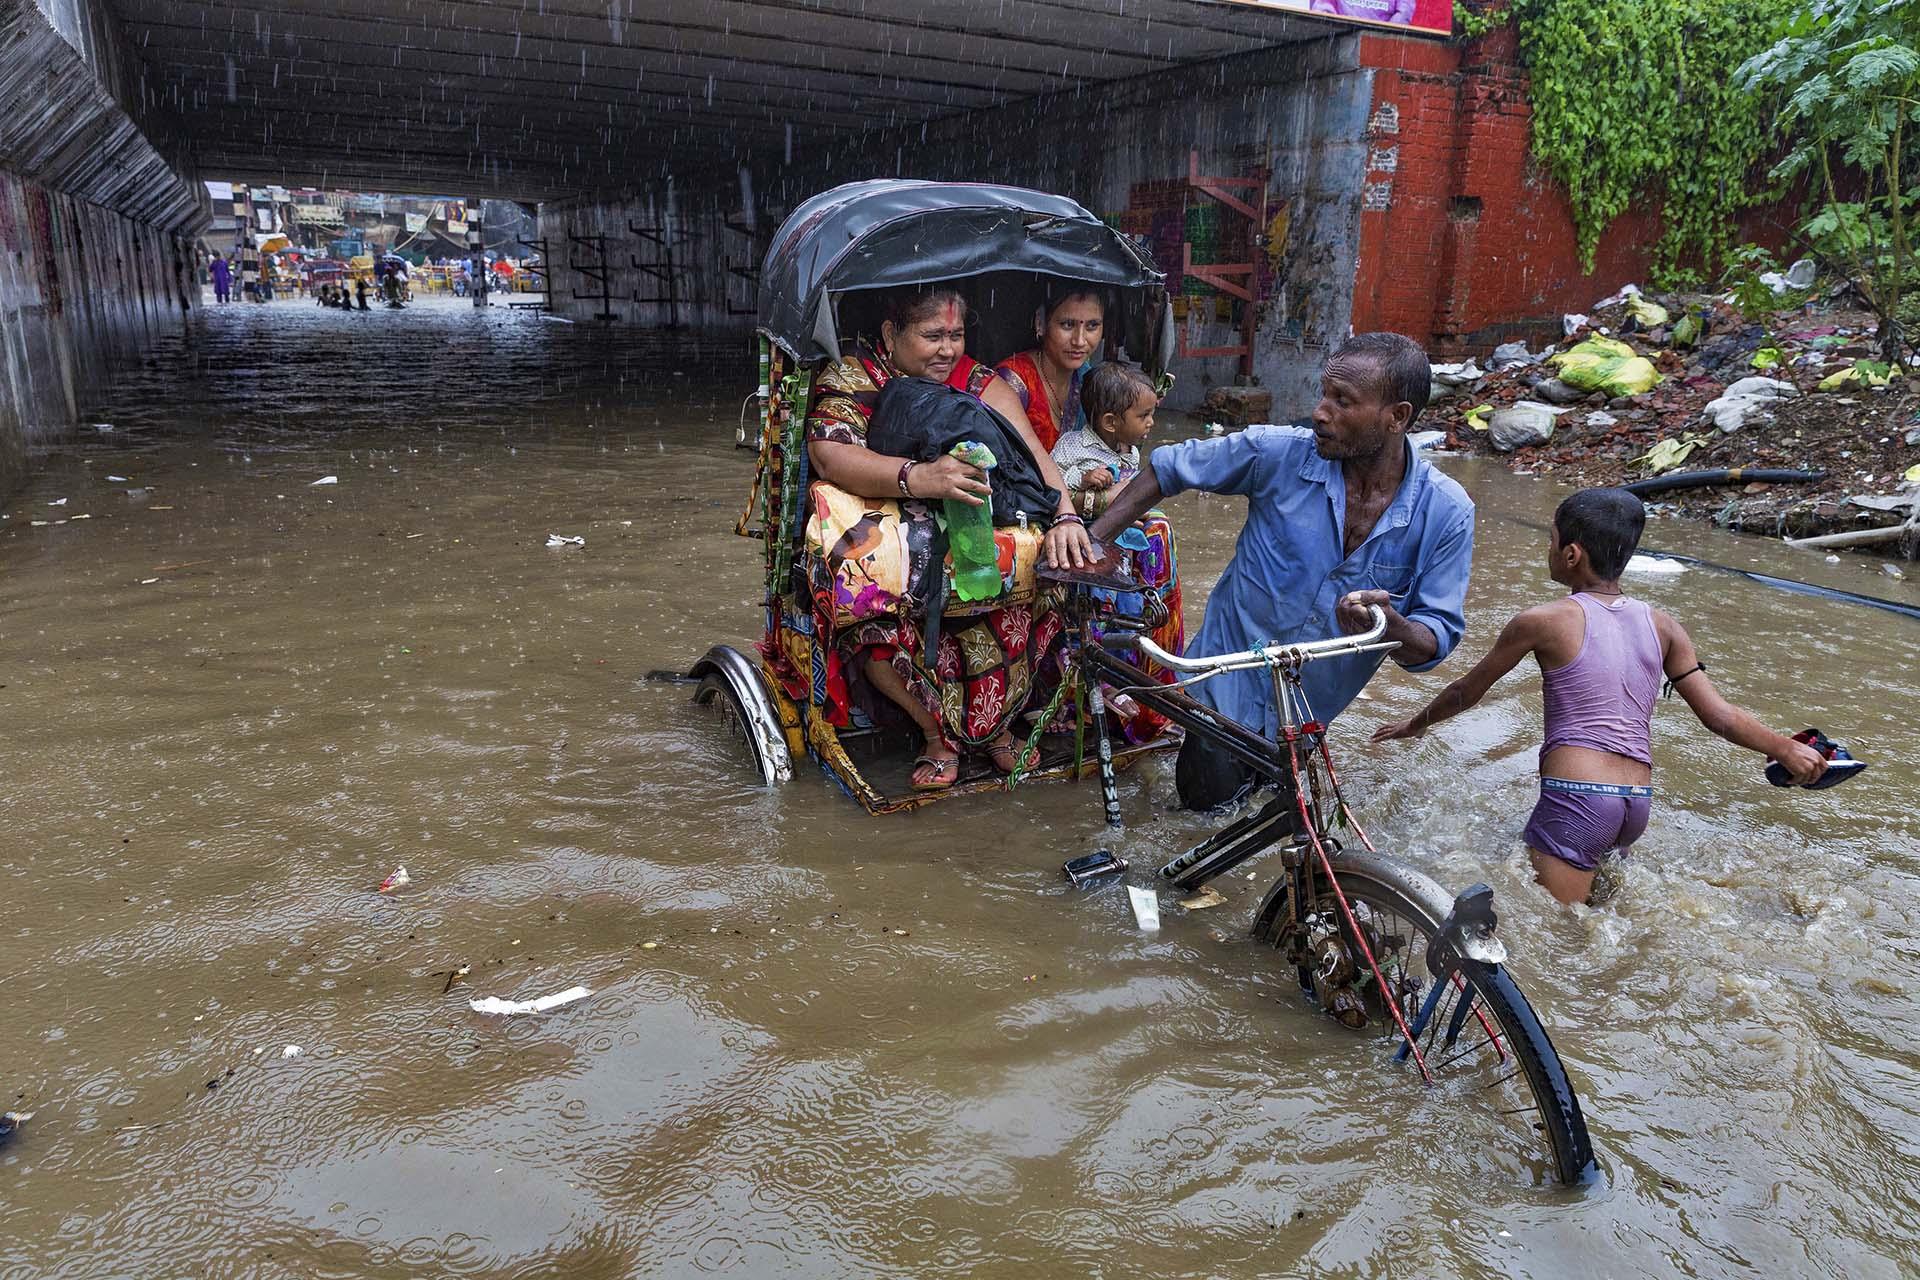 Un hombre transporta a dos mujeres en medio del temporal(AP Photo/Rajesh Kumar Singh)